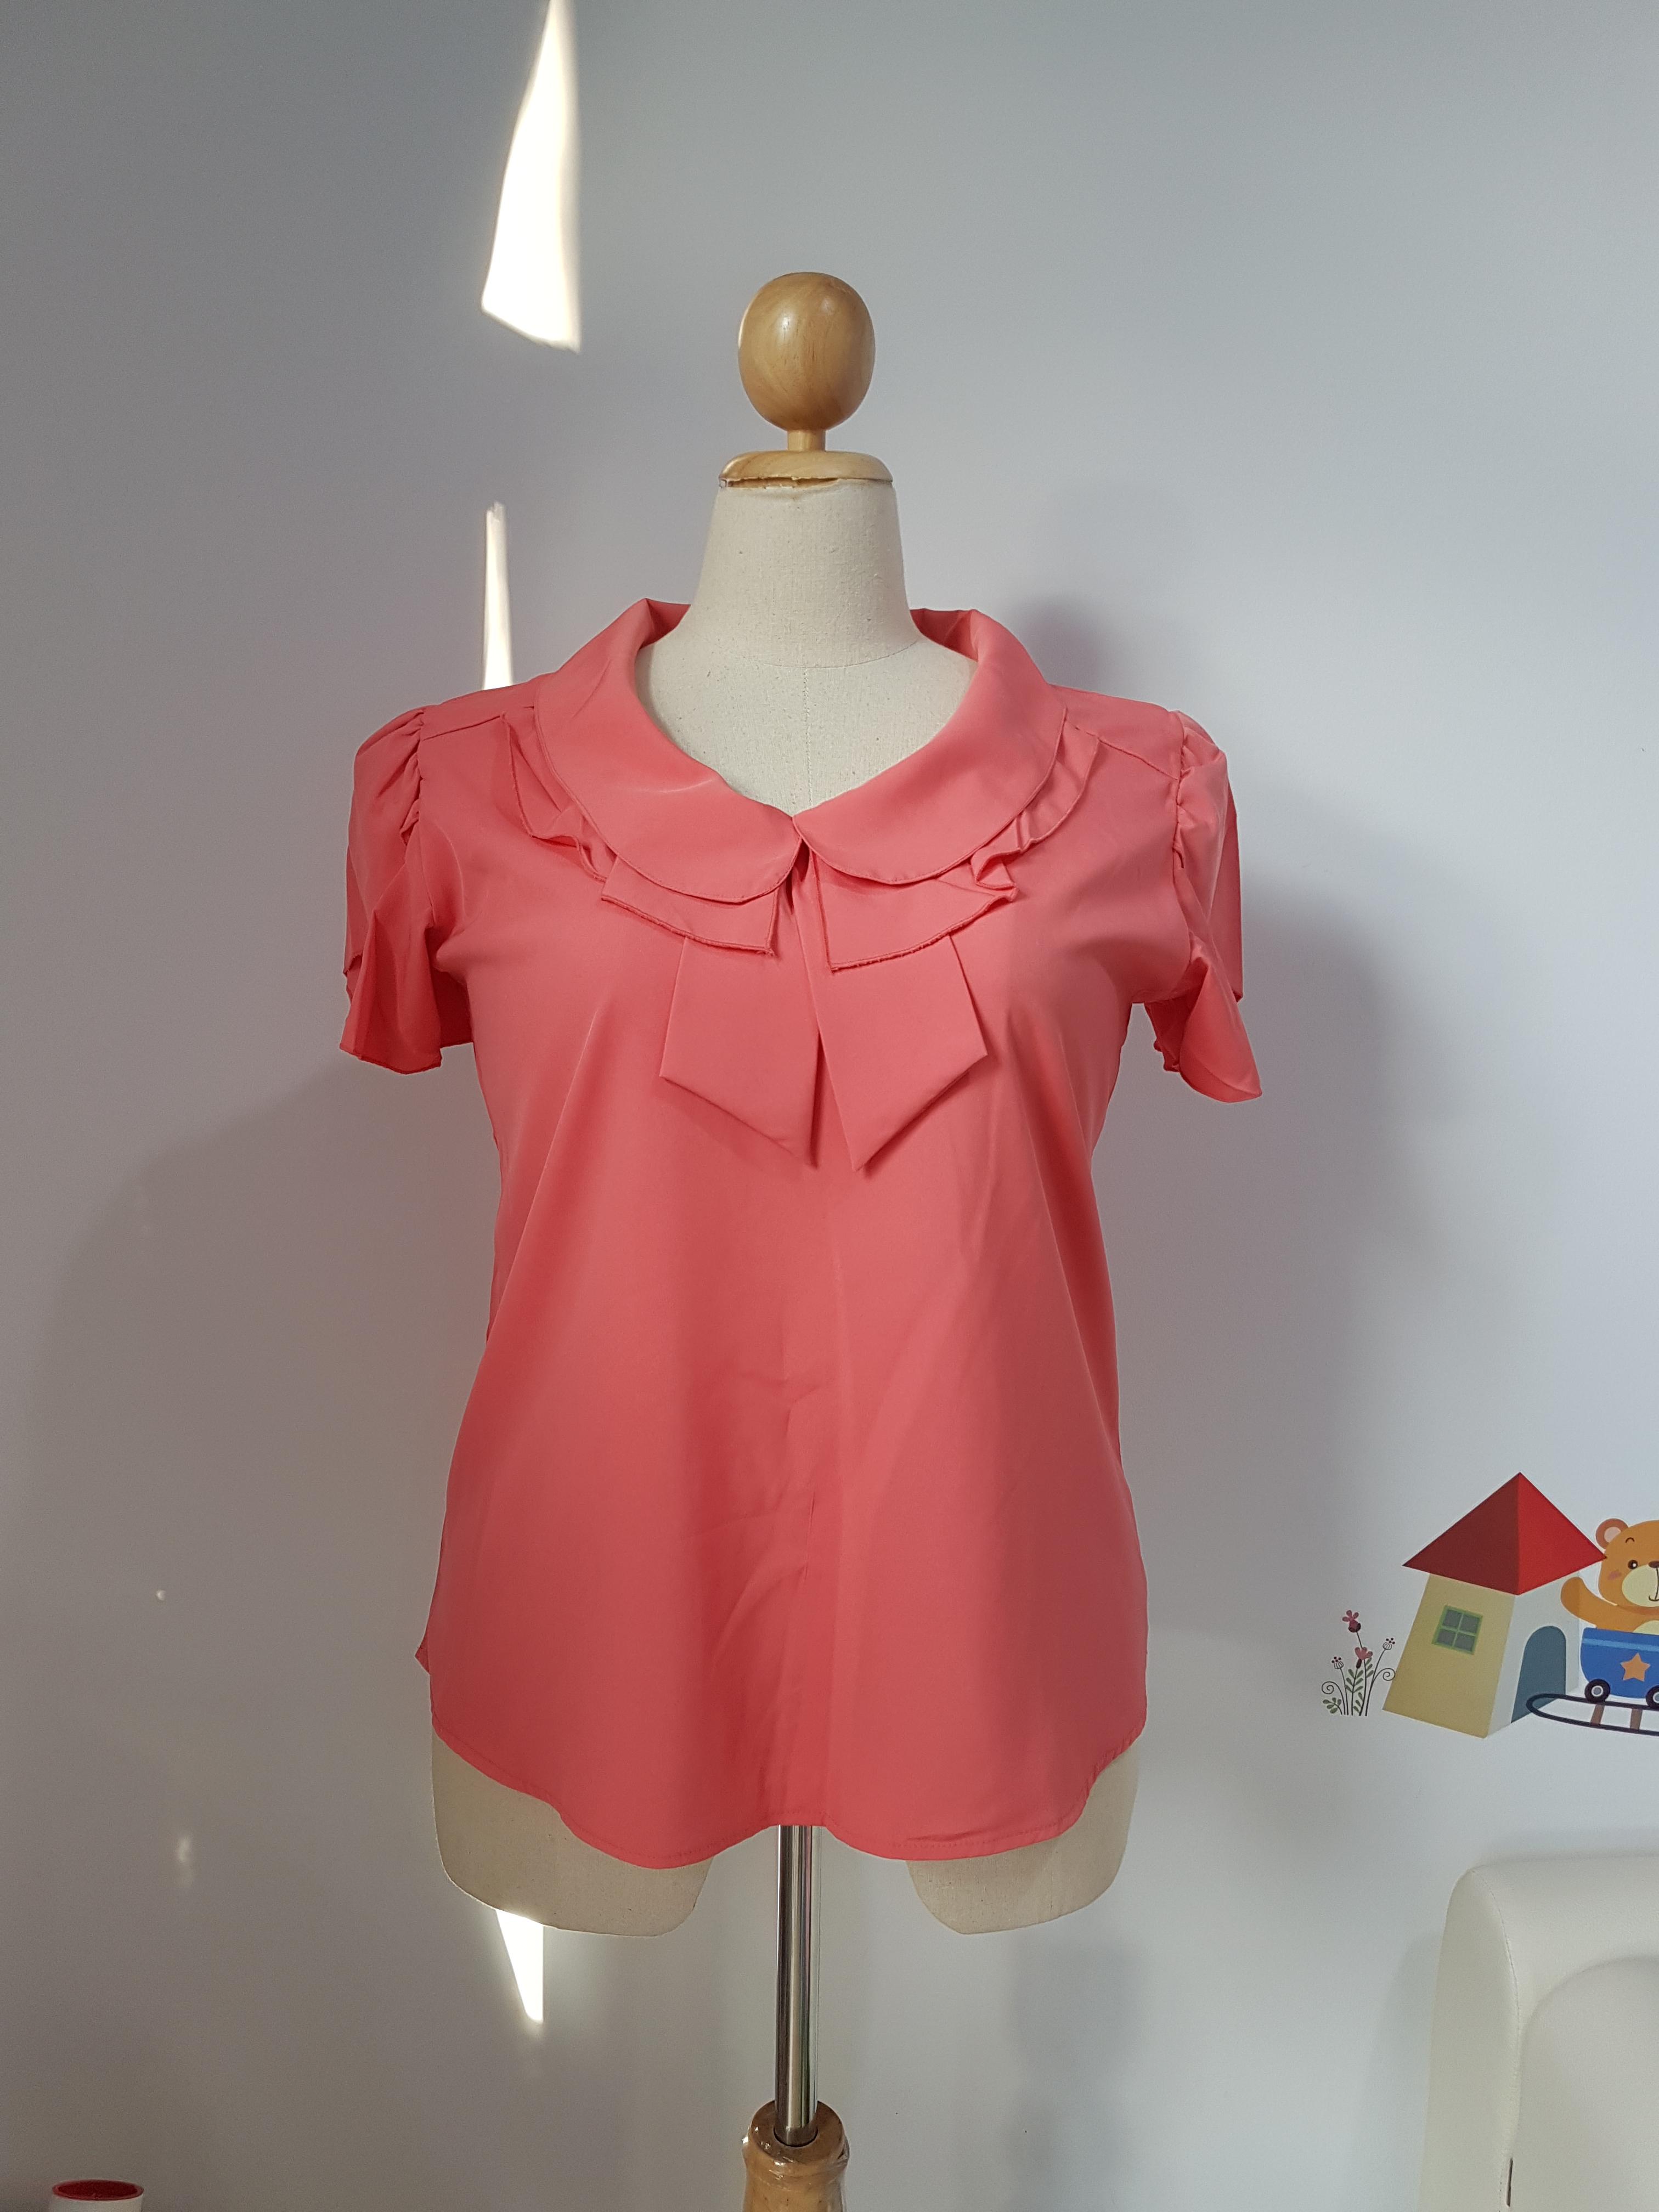 เสื้อ ผ้าไหมอิตาลี คอปกบัวซ้อน สีแตงโม ไซส์ XL อก 44 นิ้ว